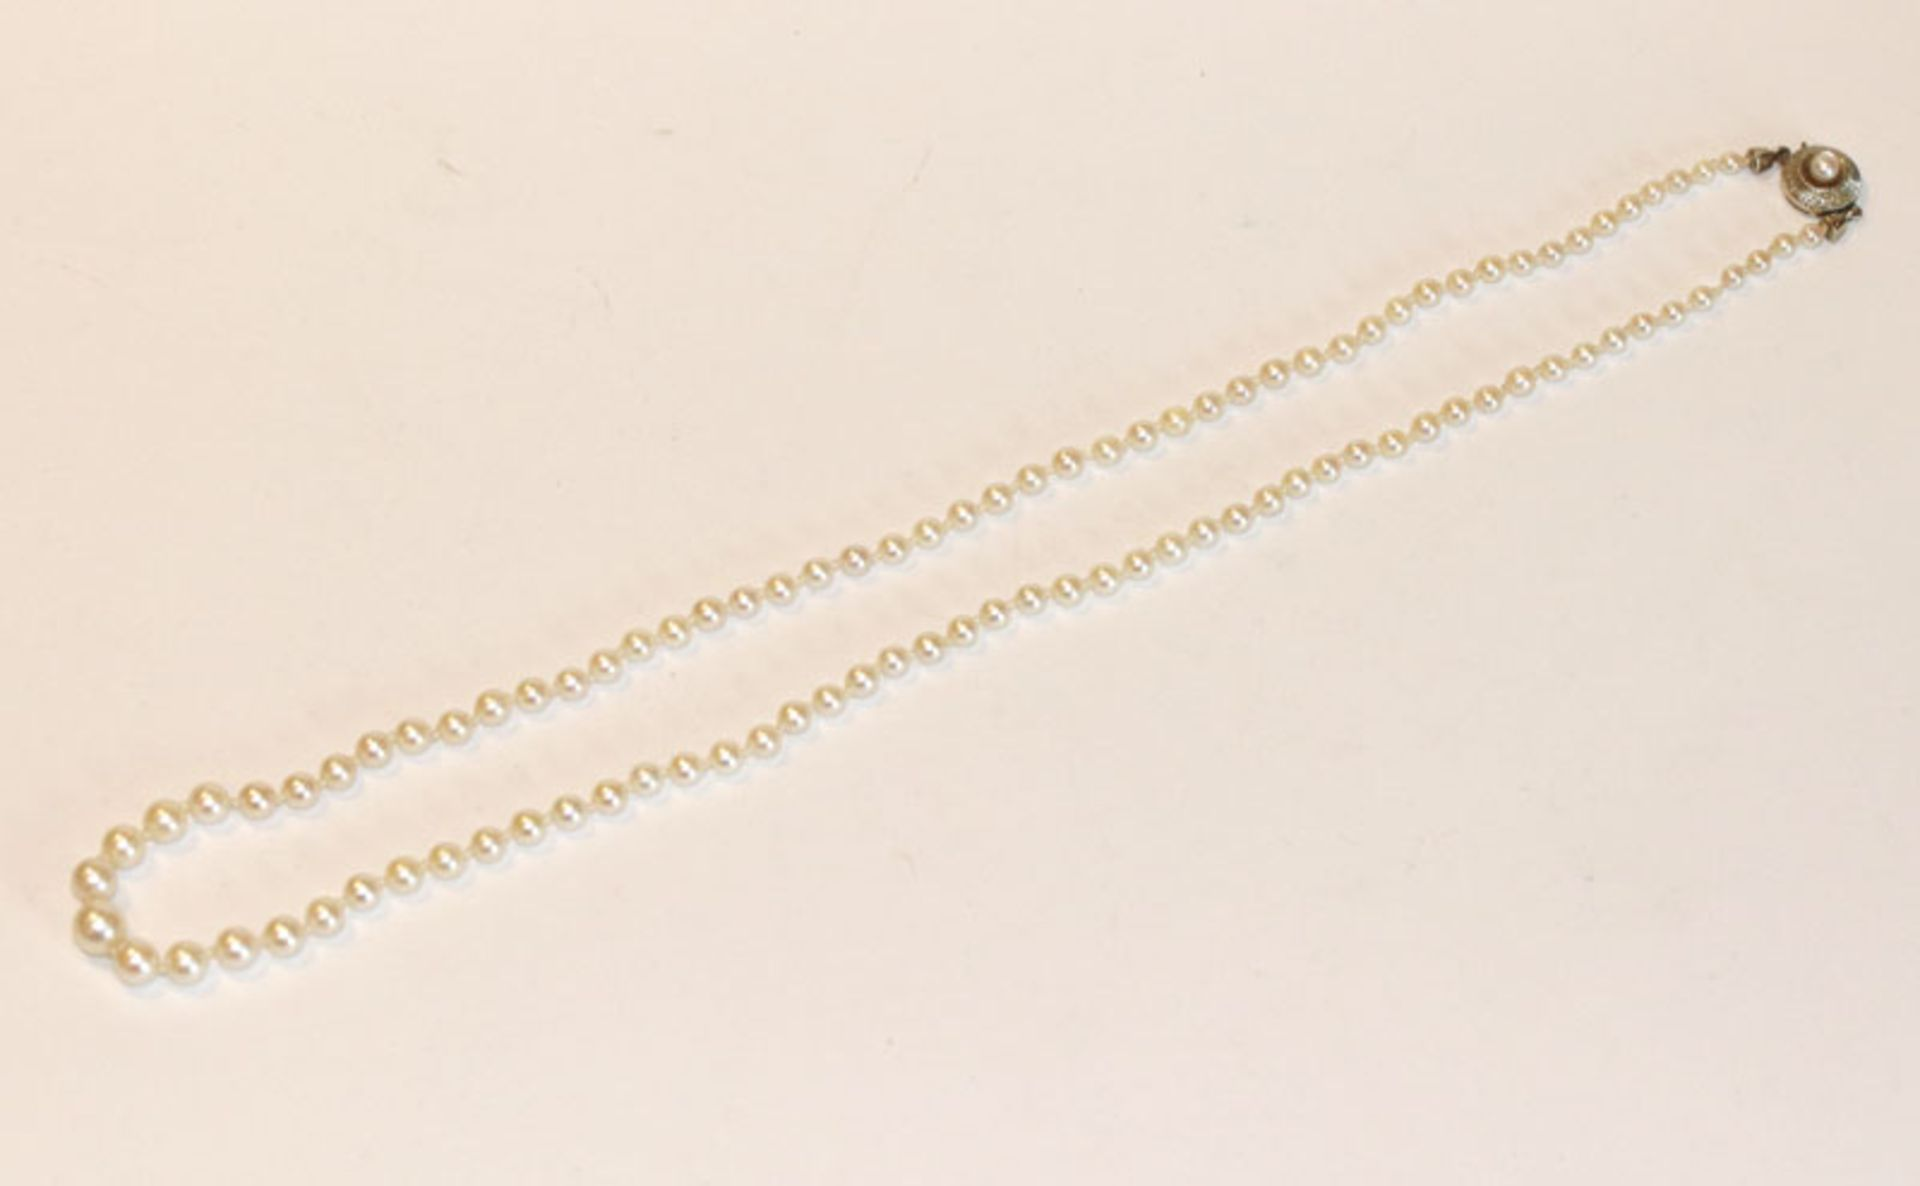 Perlenkette in Verlaufform mit 14 k Weißgoldschließe, L 53 cm